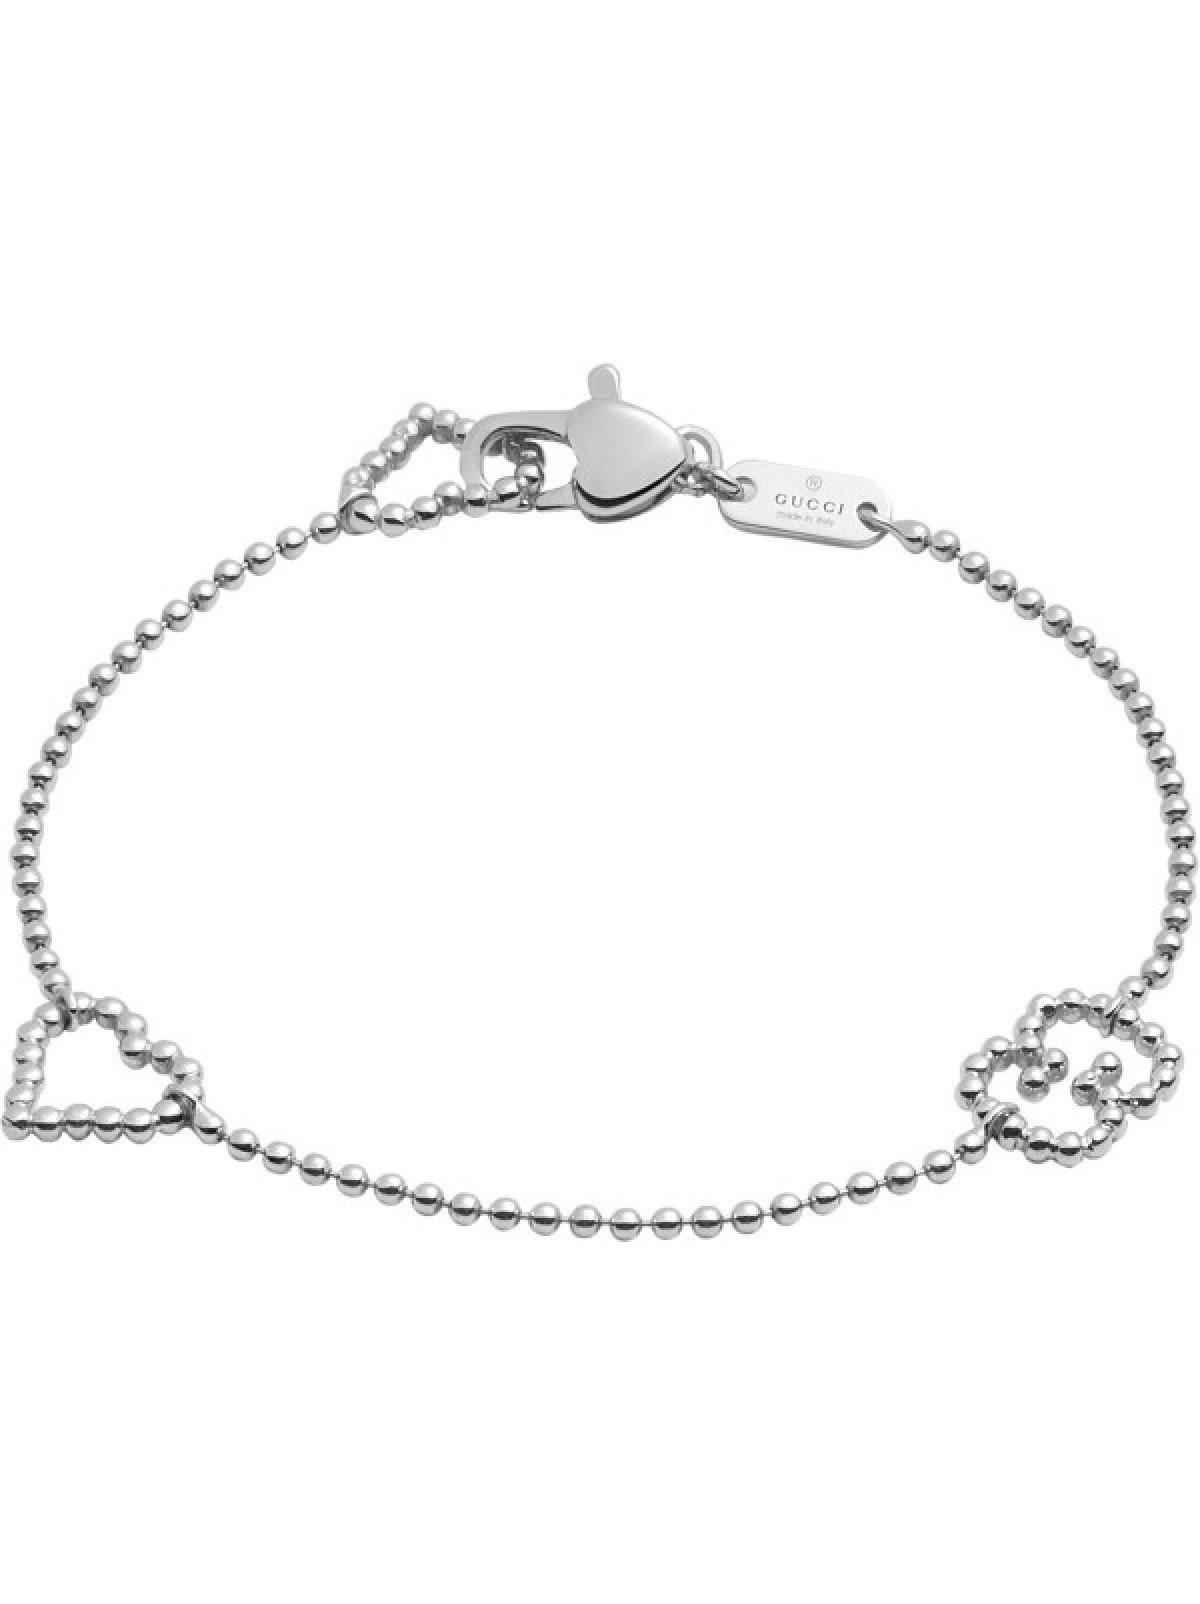 Gucci Women's Boule Bracelet w/ Open Heart Motif Silver 18 cm (7 in)